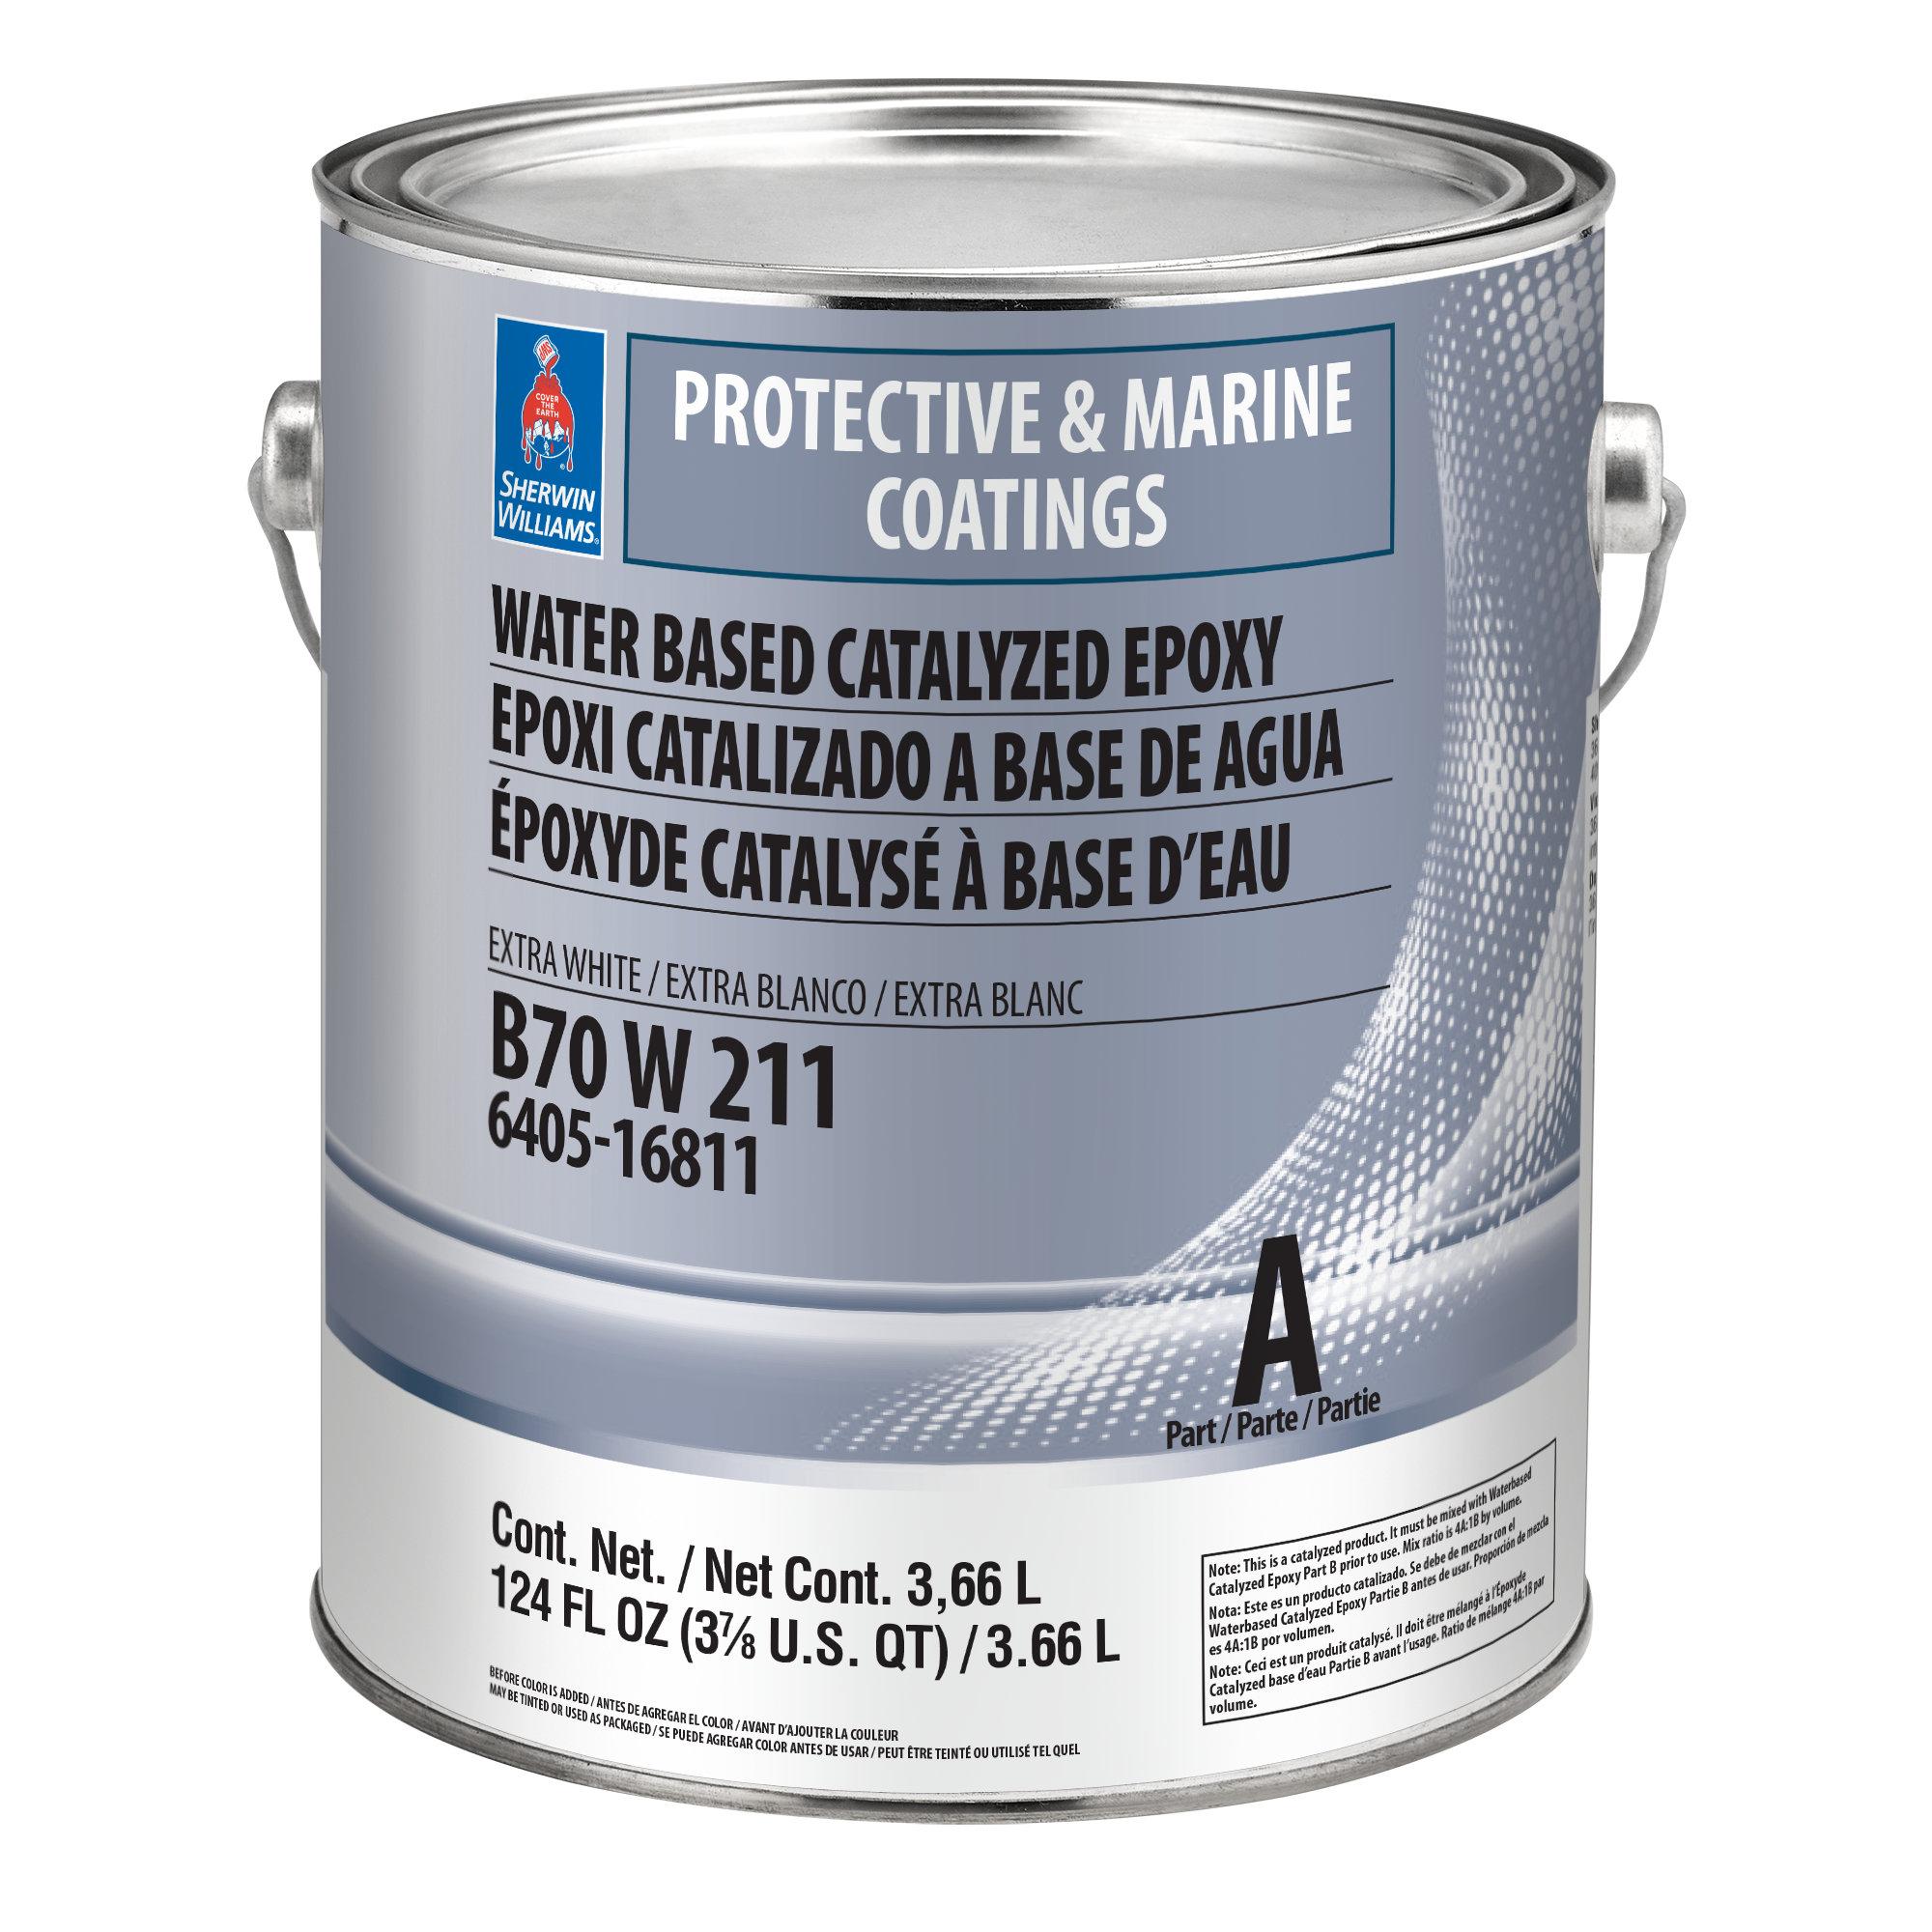 Water Based Catalyzed Epoxy